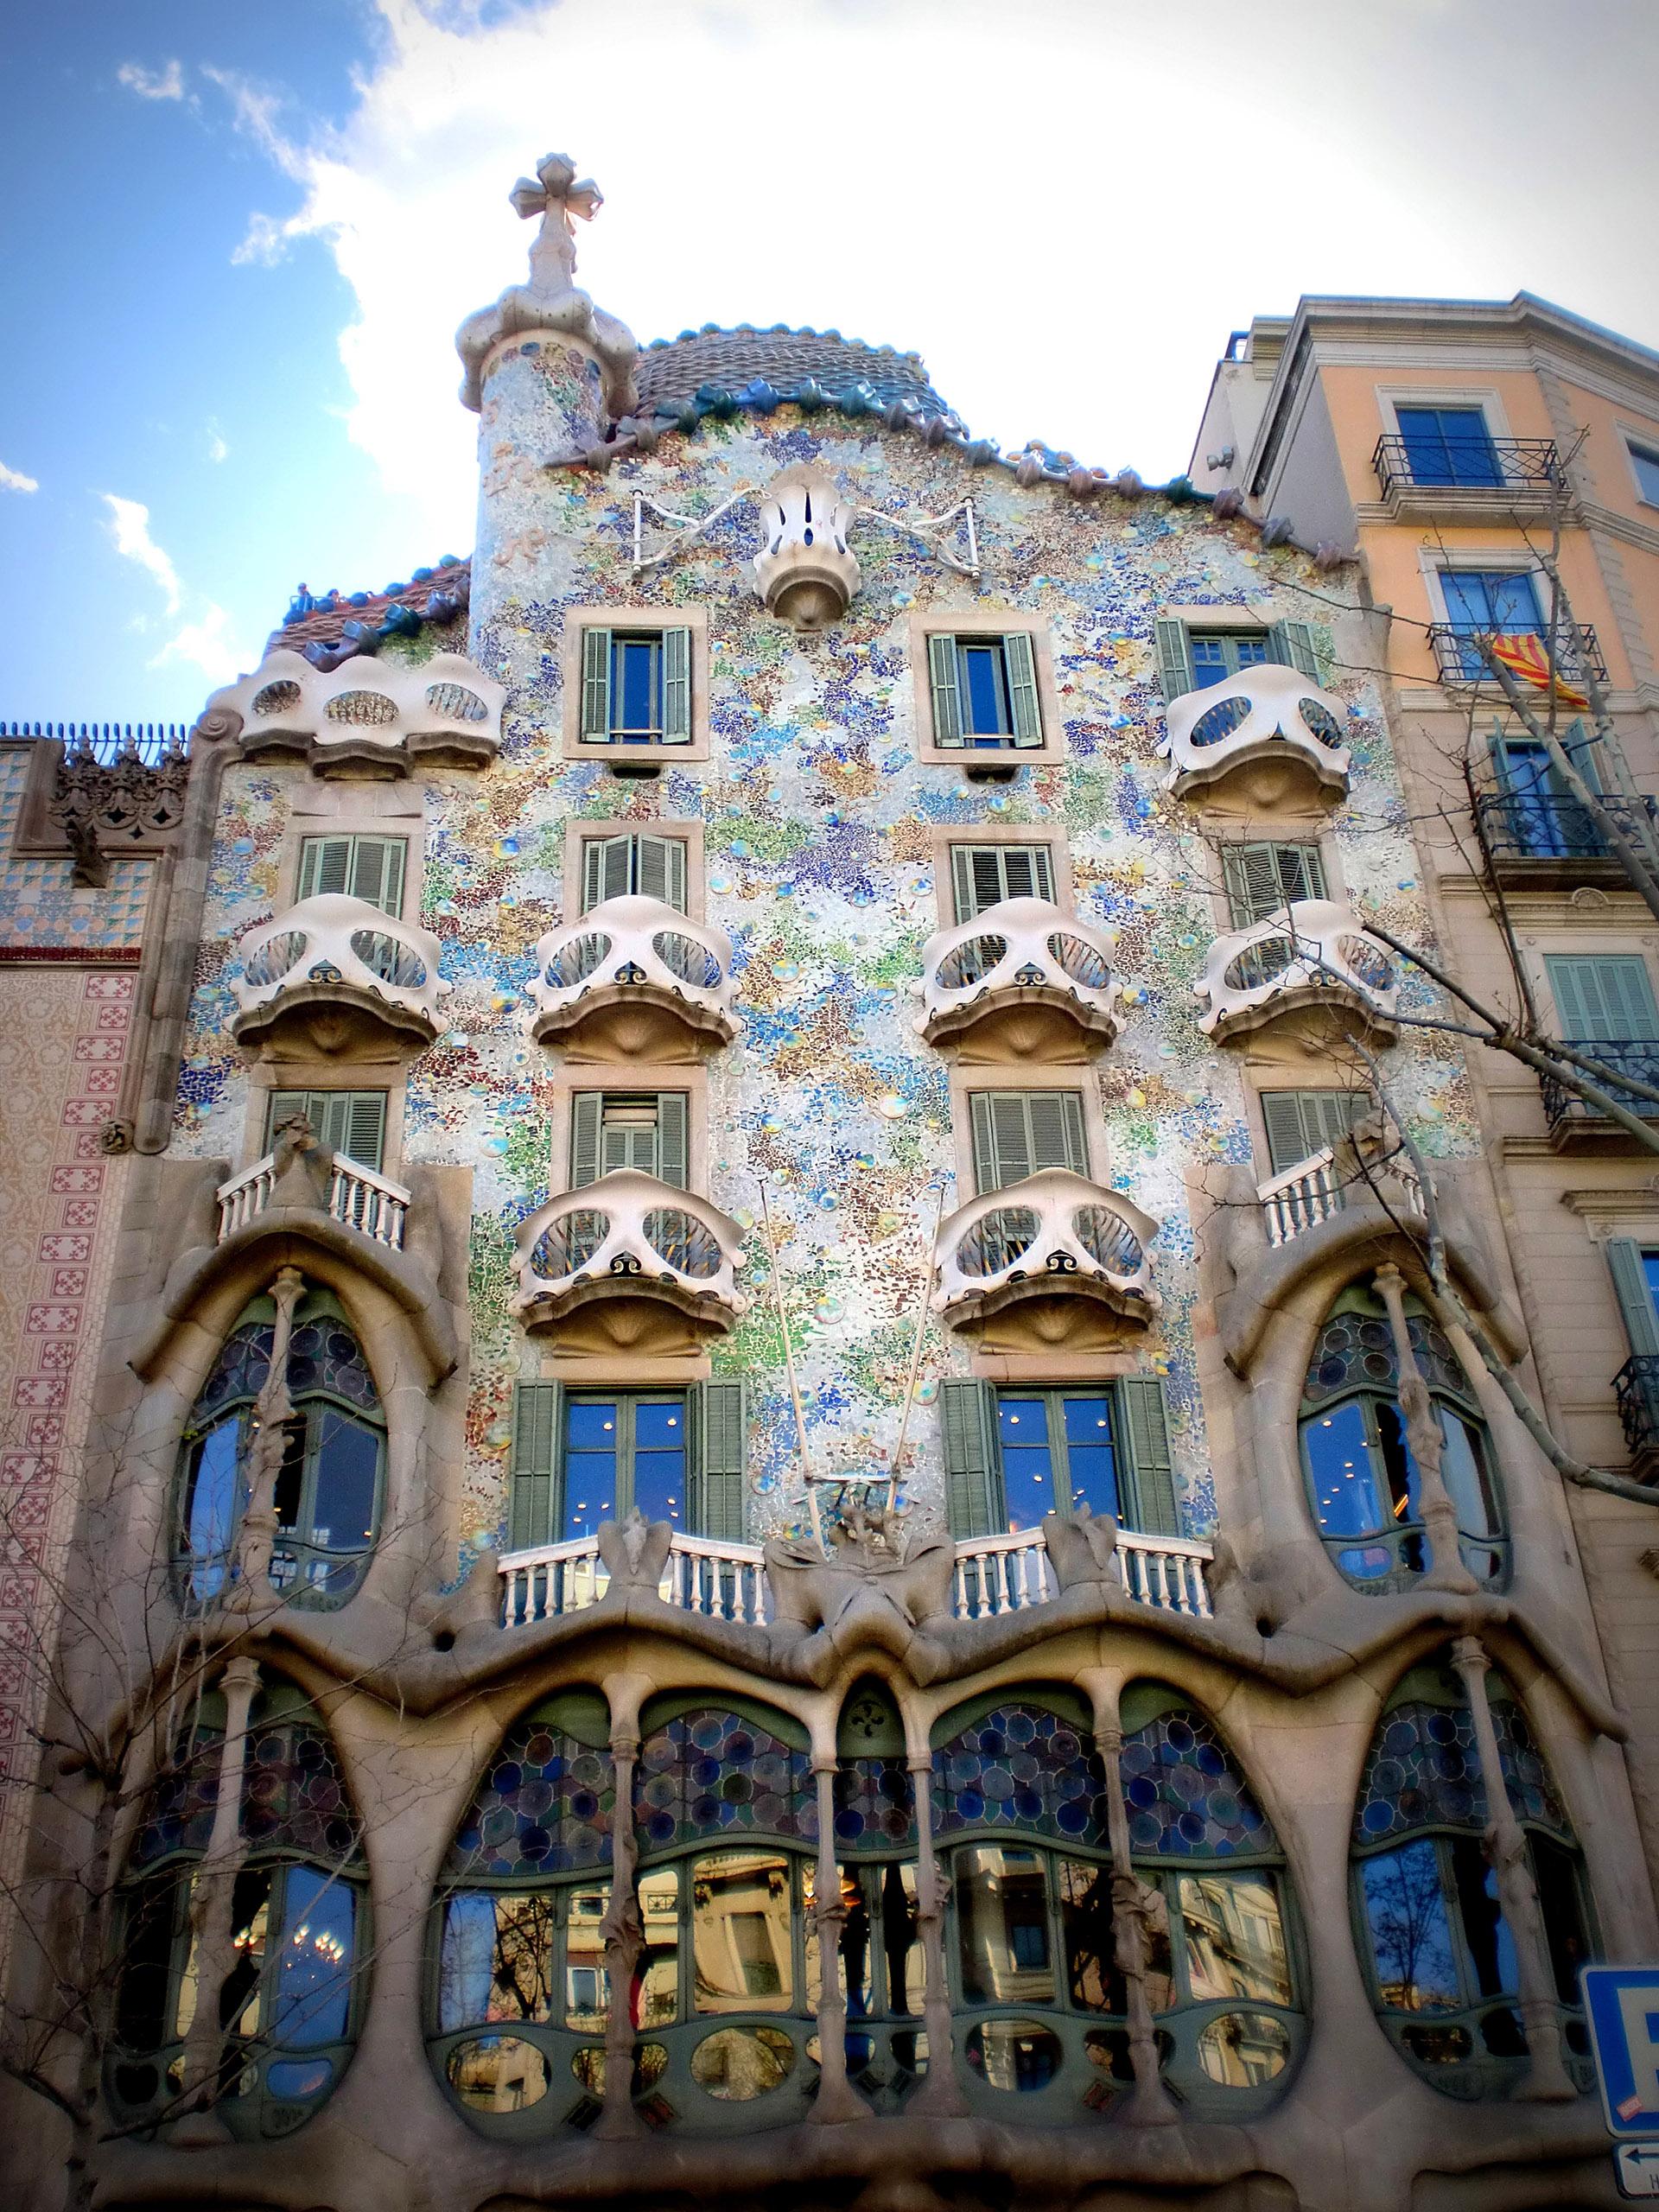 La Casa Batlló es uno de los grandes edificios diseñados por Gaudí en Paseo de Gràcia. De afuera la fachada de la Casa Batlló parece como si estuviese hecha de calaveras y huesos. Las calaveras son en realidad balcones y los huesos son pilares.